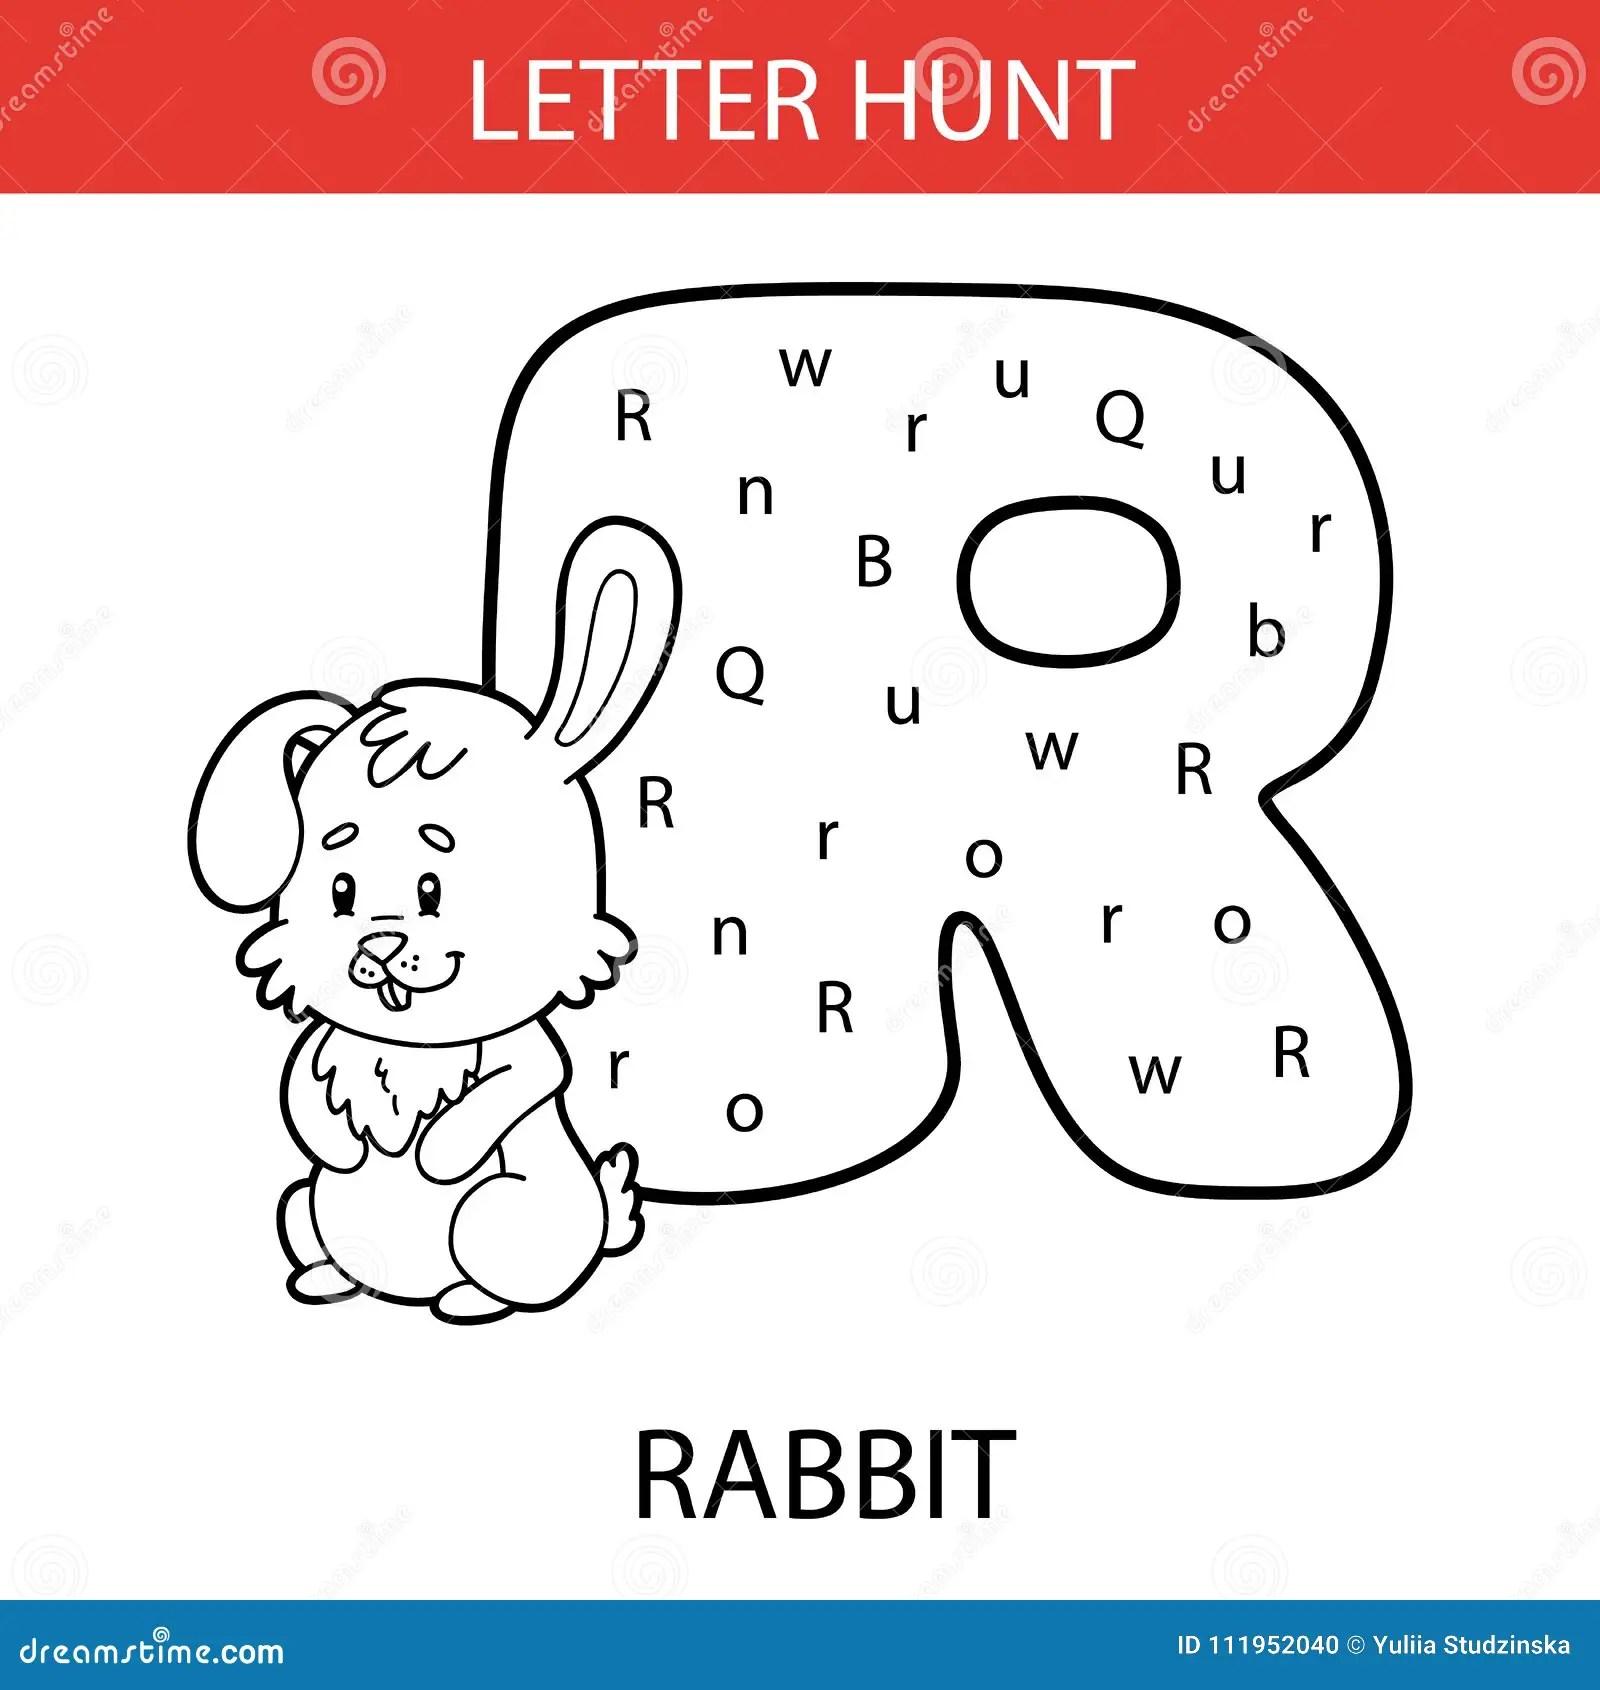 Animal Letter Hunt Rabbit Stock Vector Illustration Of